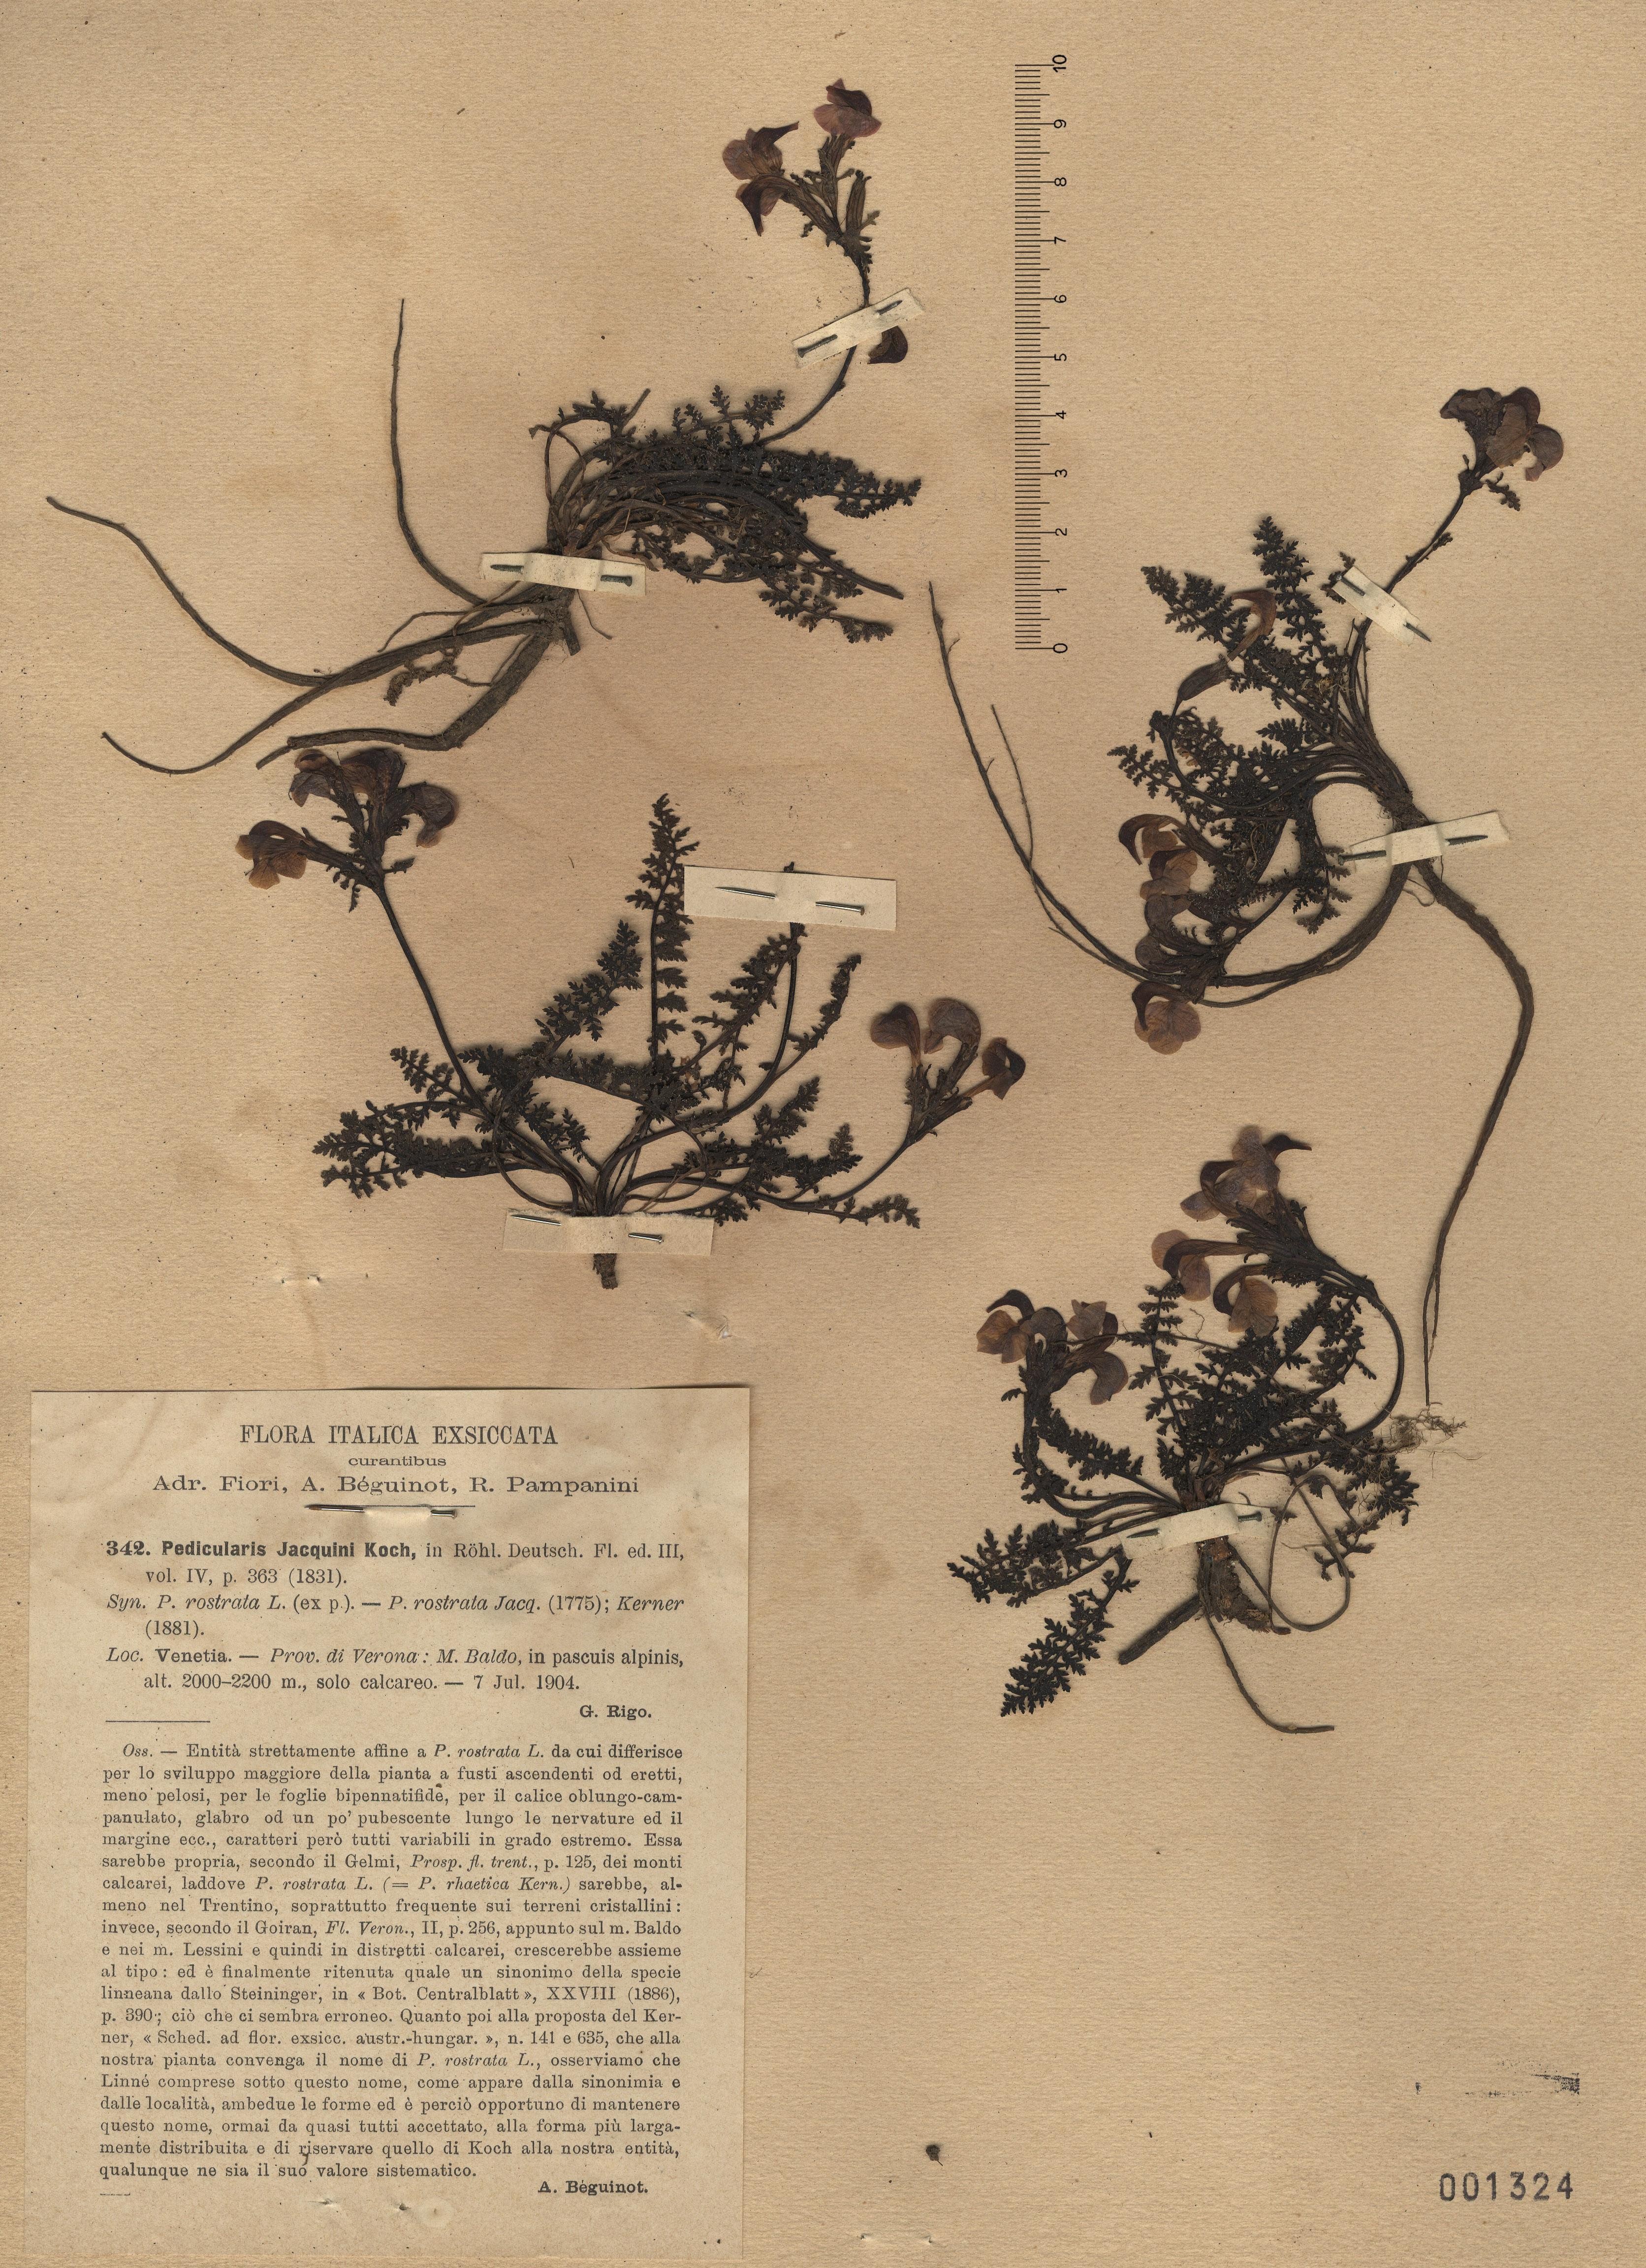 © Hortus Botanicus Catinensis - Herb. sheet 001324<br>